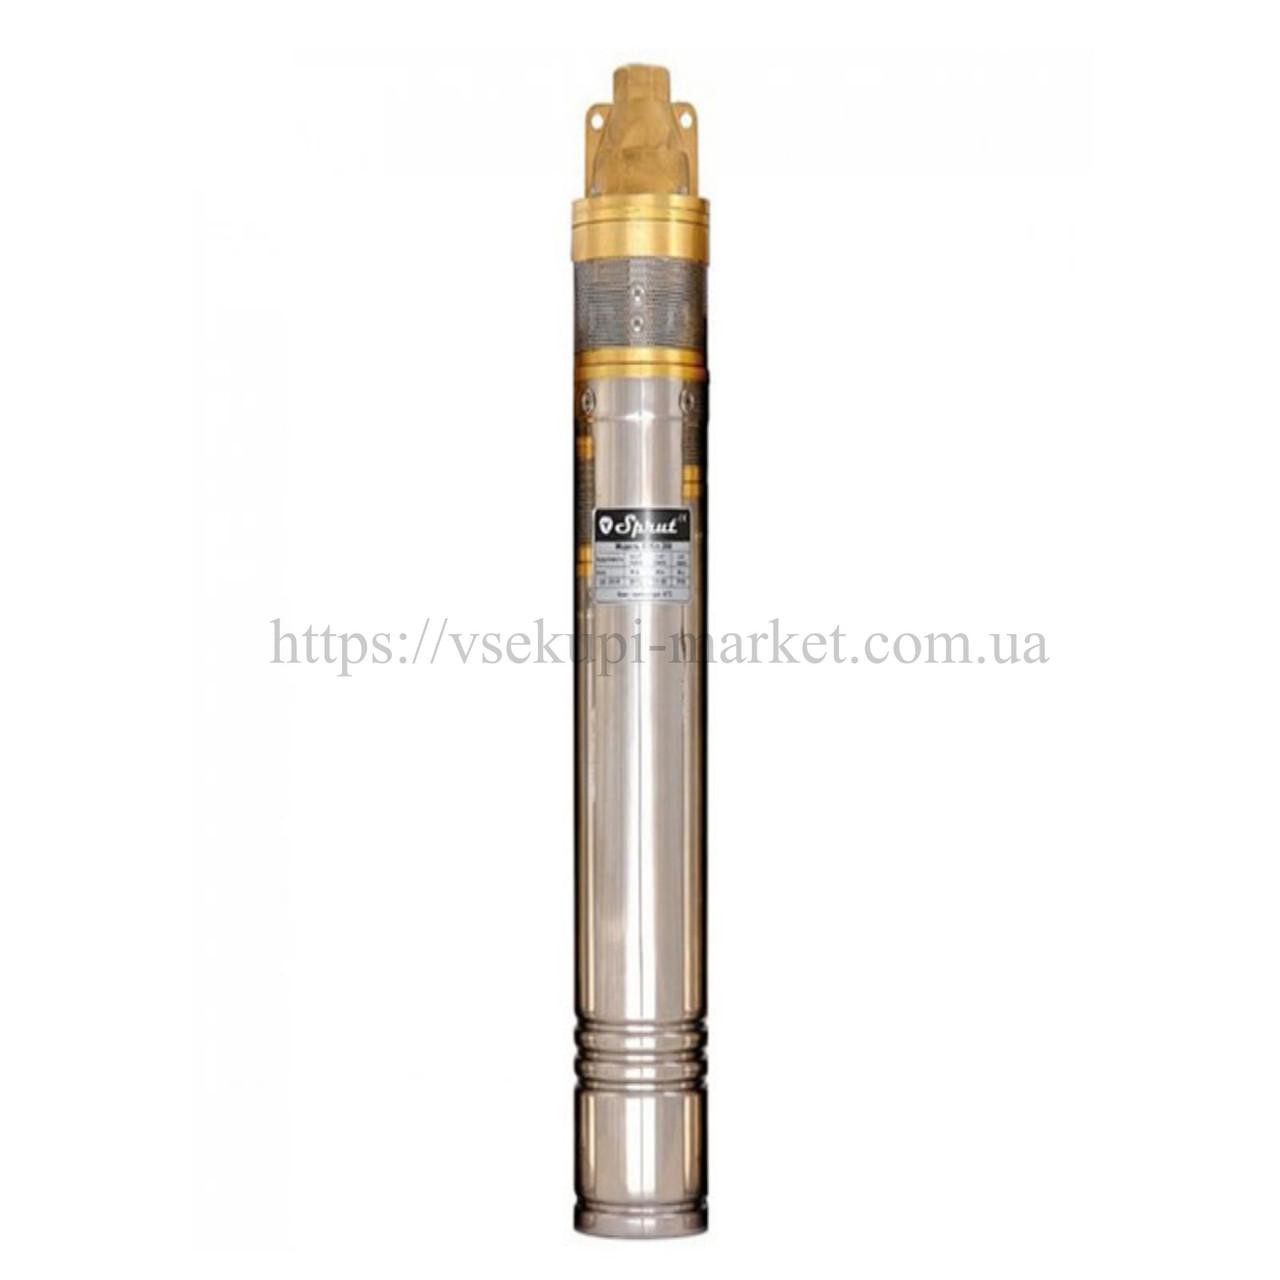 Скважинный насос SPRUT 4SKM 50